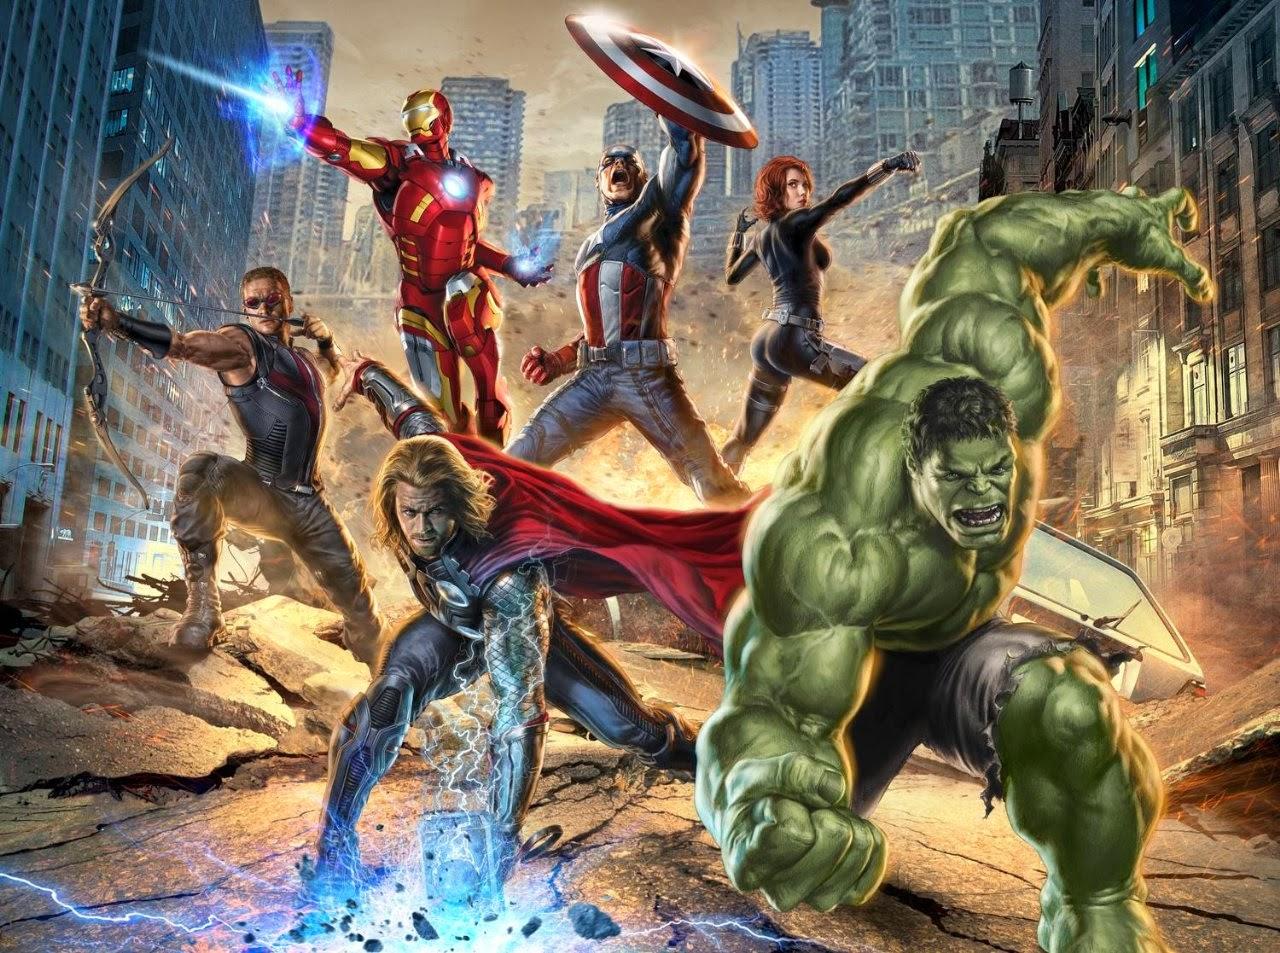 Arte dos Vingadores, os heróis mais poderosos da Terra, da Marvel